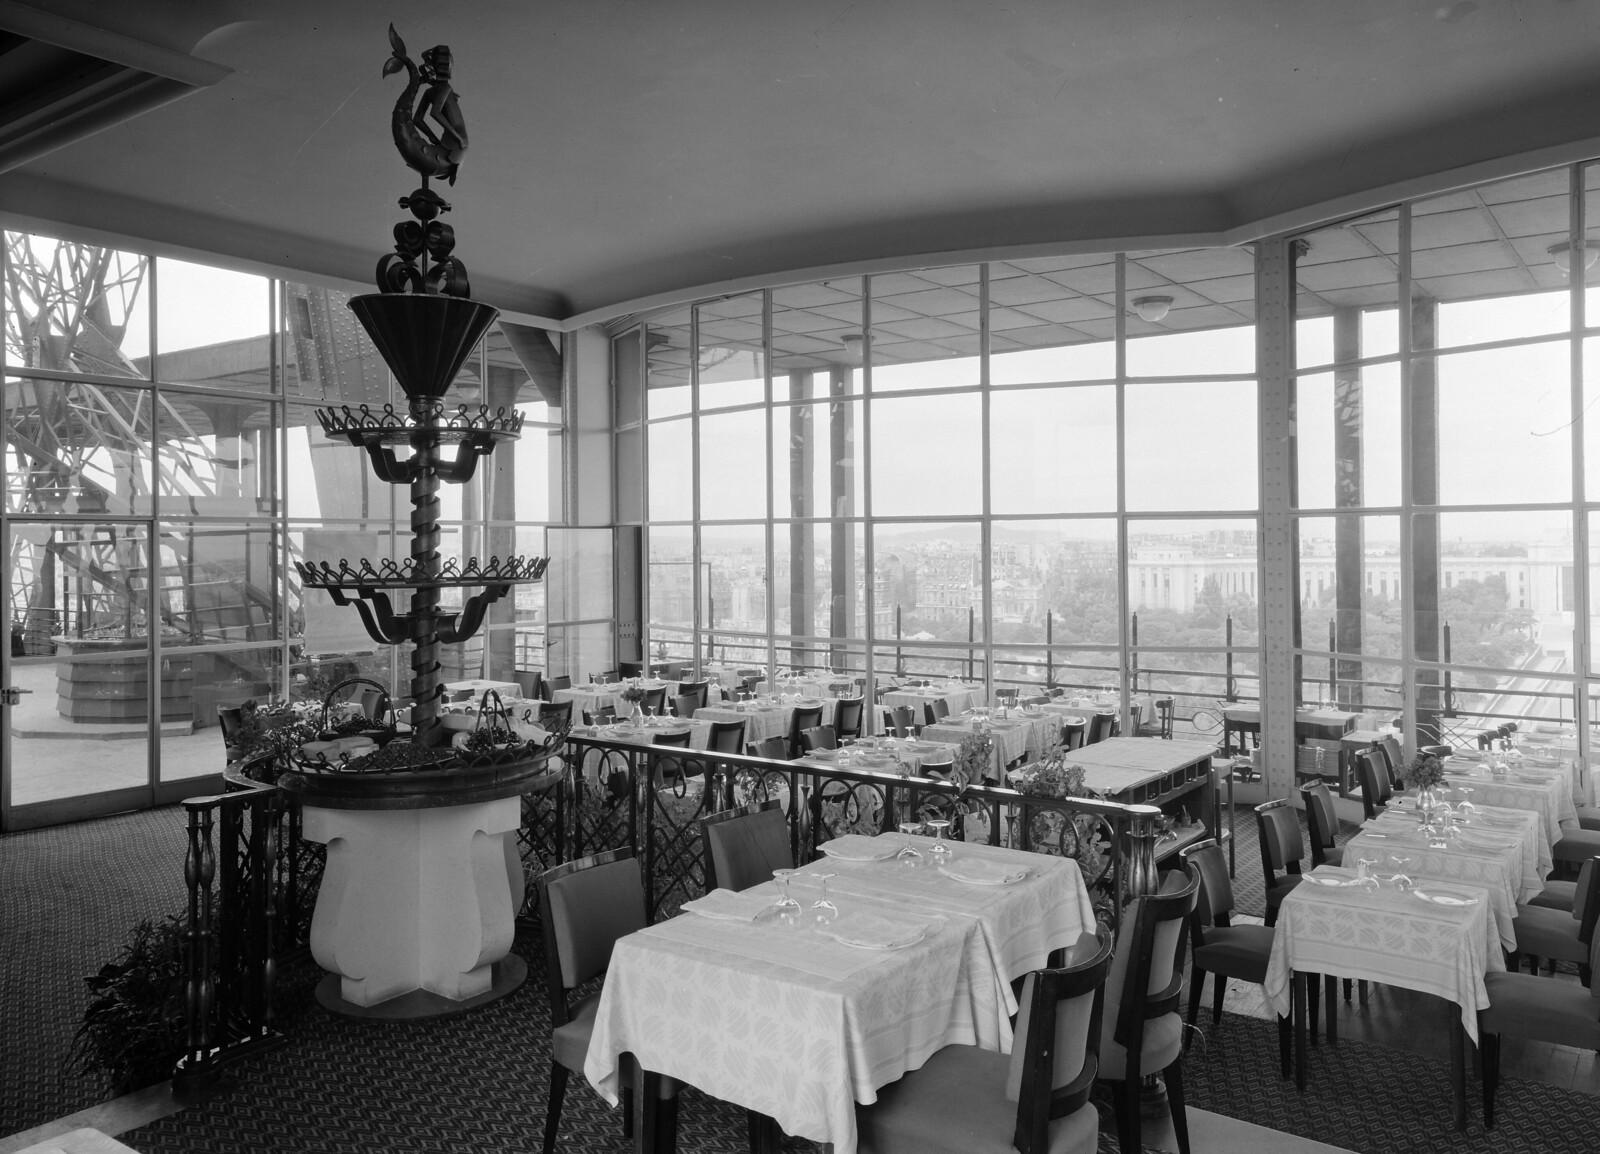 06. Эйфелева башня. Ресторанный зал на втором этаже. 7 округ